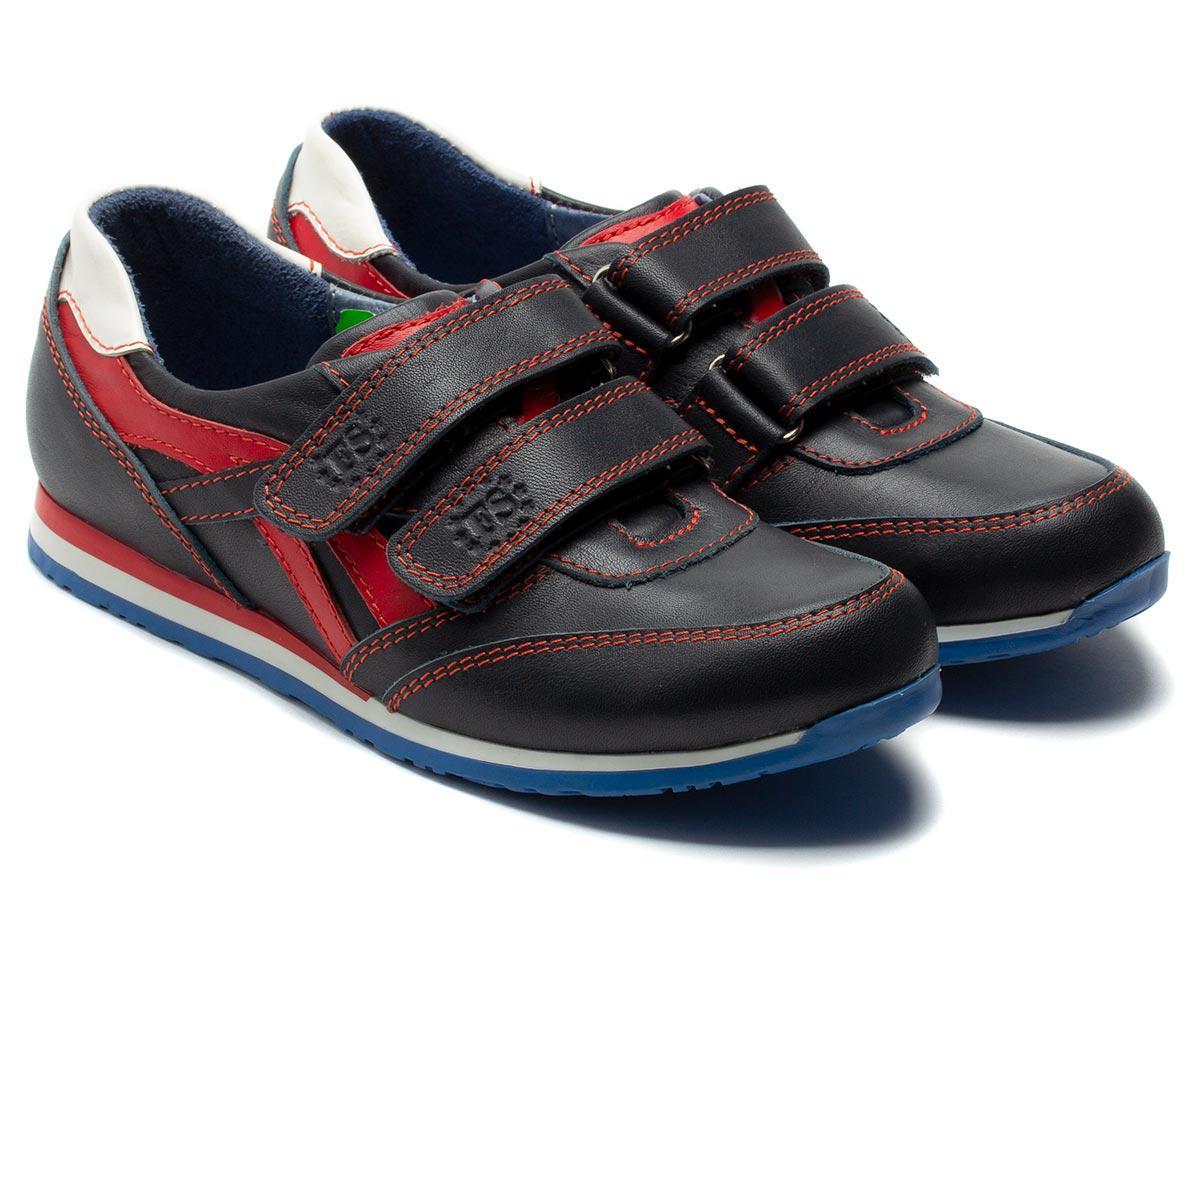 a9d0eae3 Ортопедические кроссовки FS Сollection для мальчиков, размер 32 - Детская  обувь ORTOPEDIC в Киеве